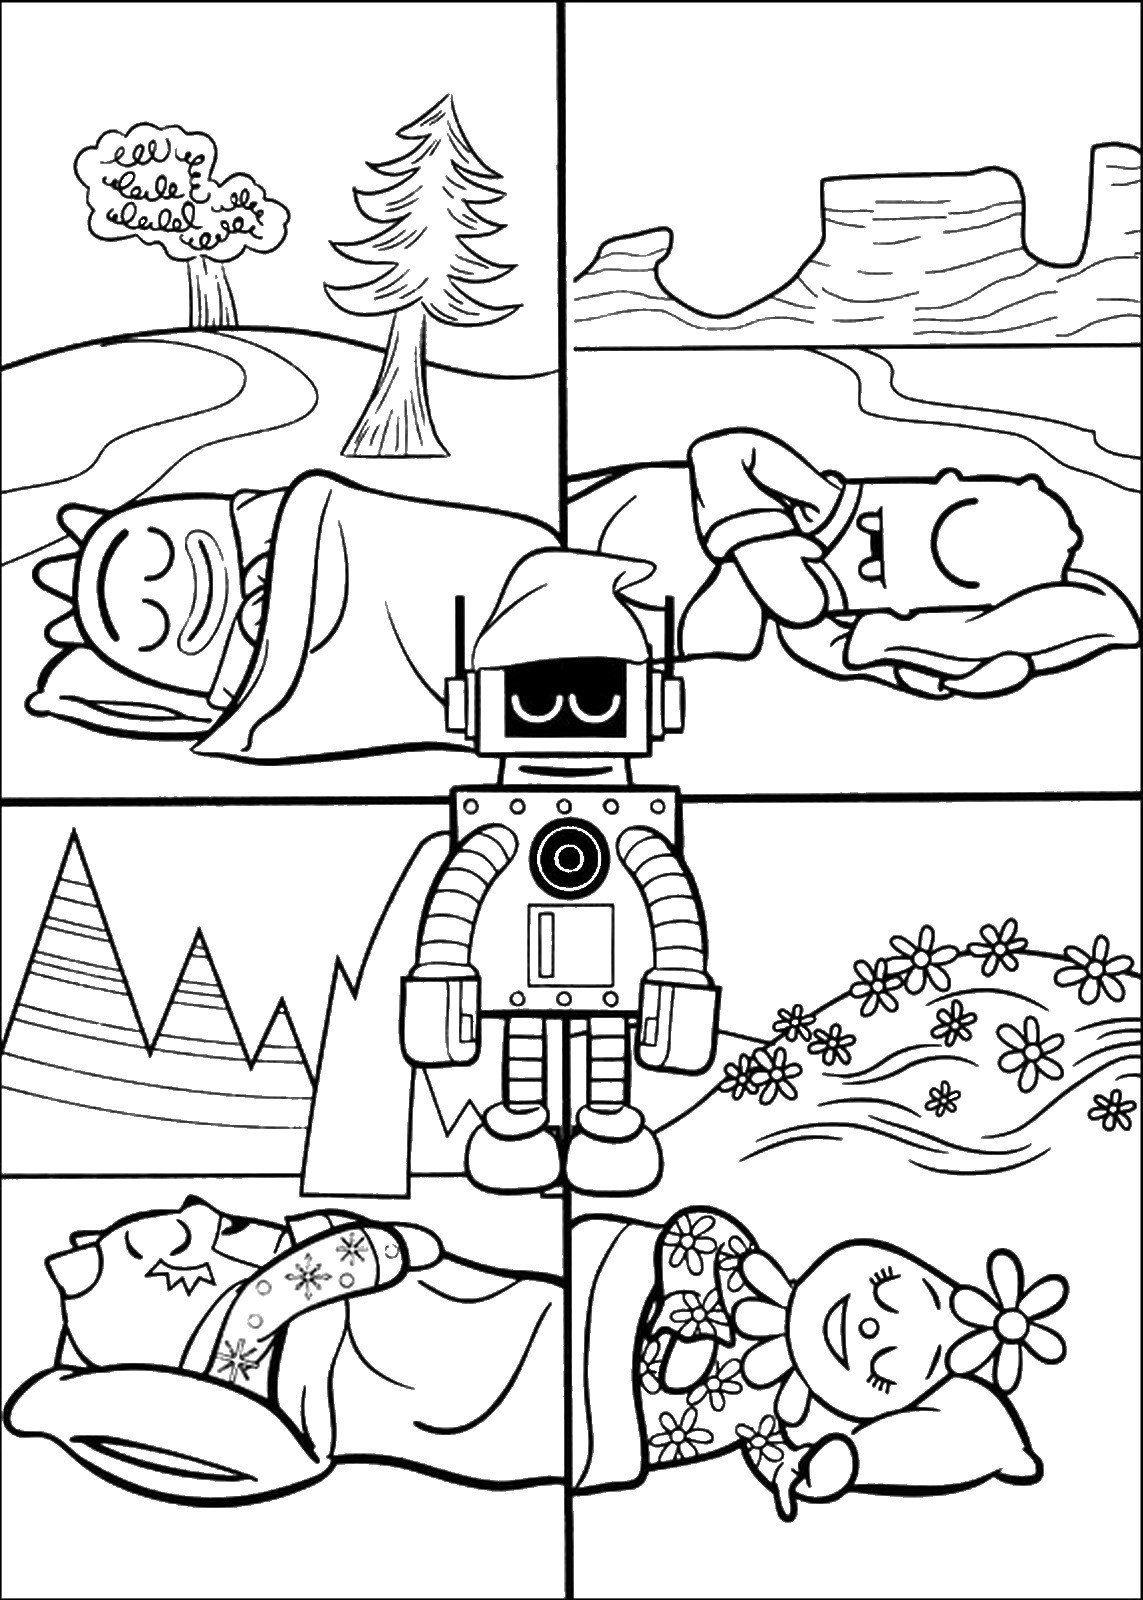 Yo Gabba Gabba Coloring Pages Yo Gabba Gabba Coloring Pages Cartoon Coloring Pages Yo Gabba Gabba Coloring Pages